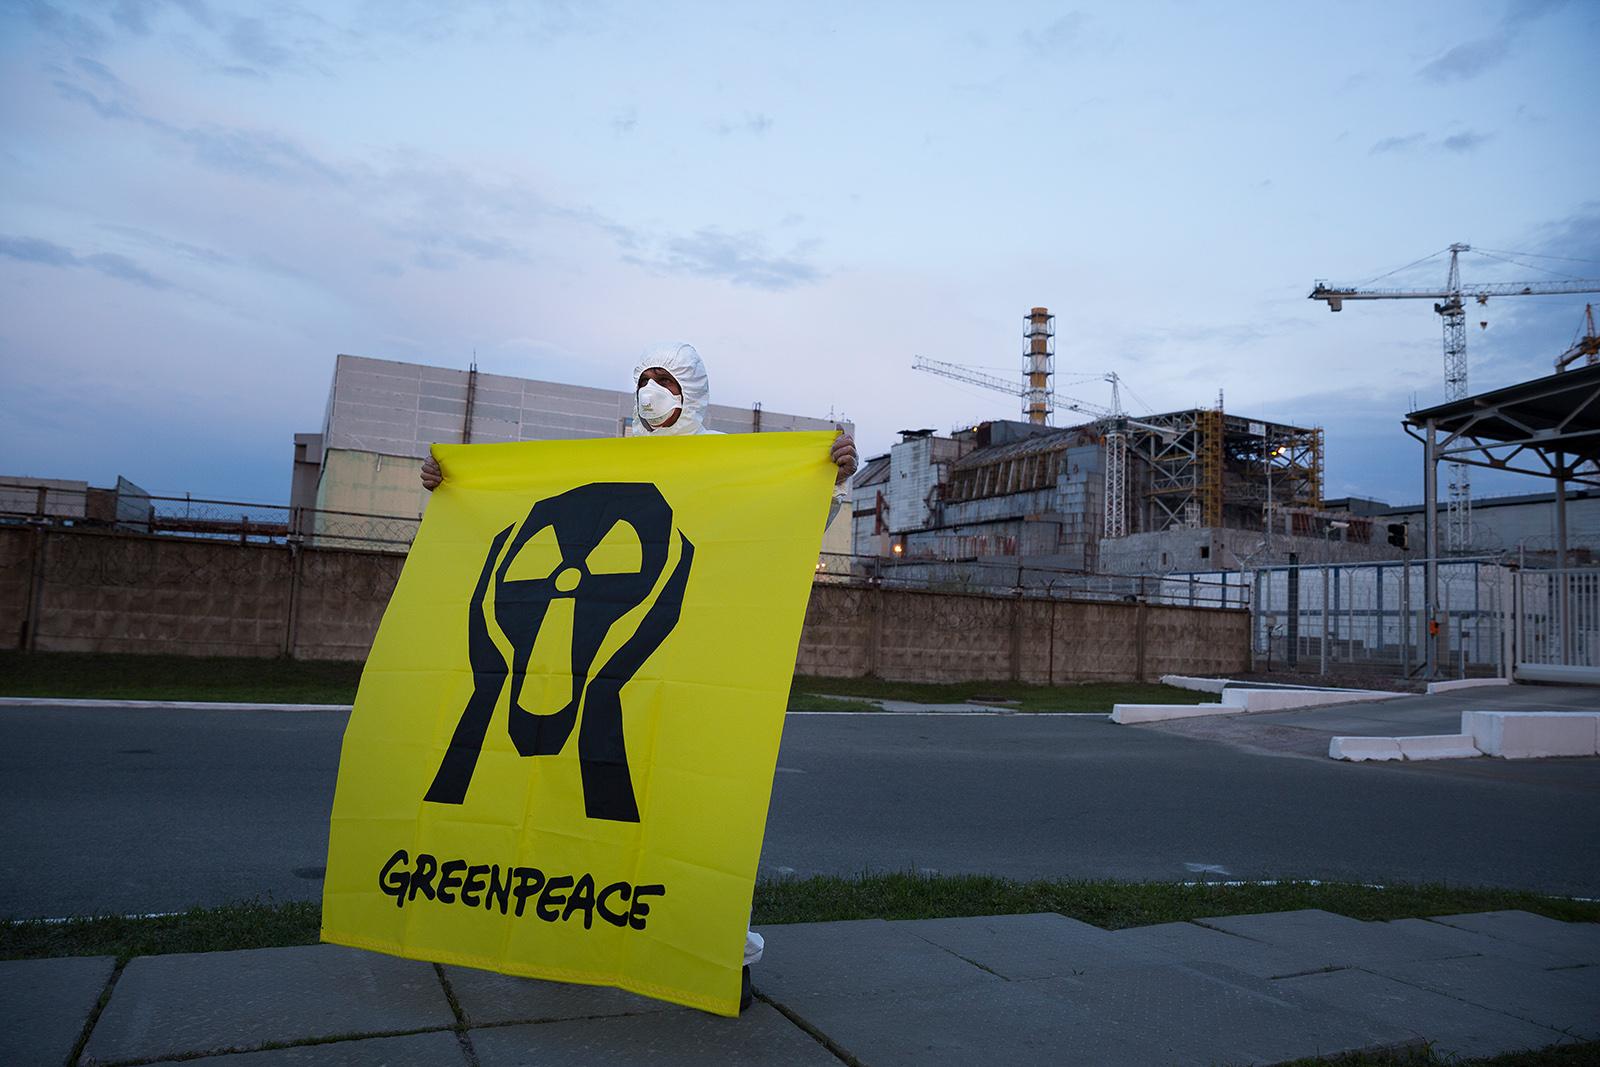 Greenpeace-Aktivisten erinnern am 30. Jahrestag der Atomkatastrophe von Tschernobyl vor dem zerstörten Reaktor an die Opfer. Ukraine 2016